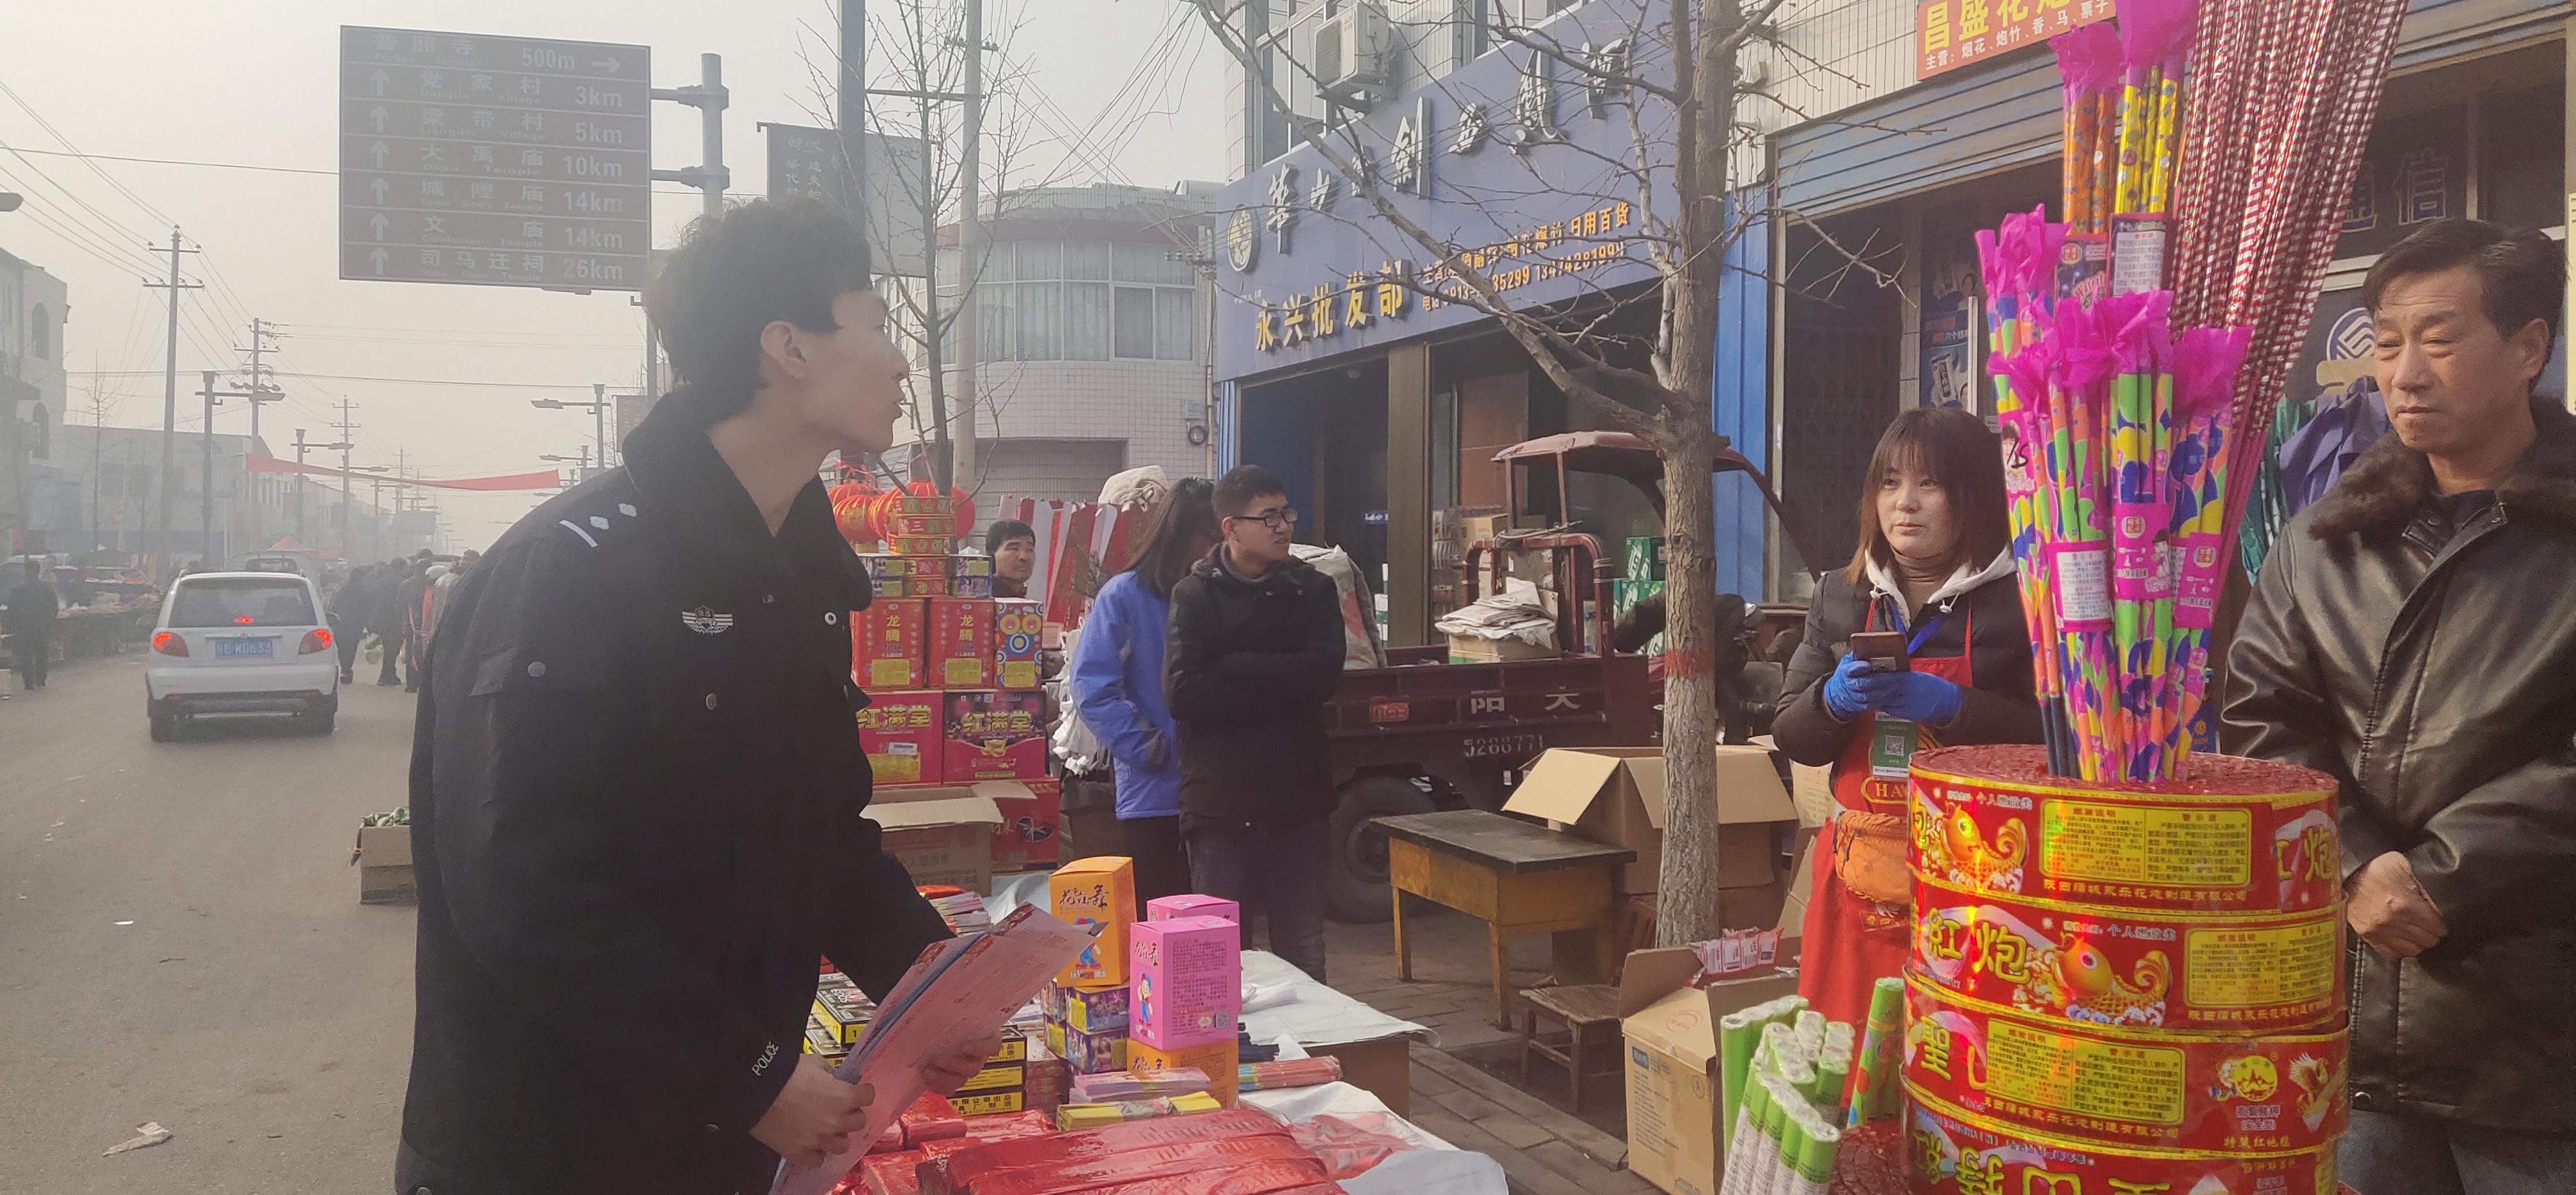 韩城公安:昝村派出所开展辖区烟花爆竹检查整治行动